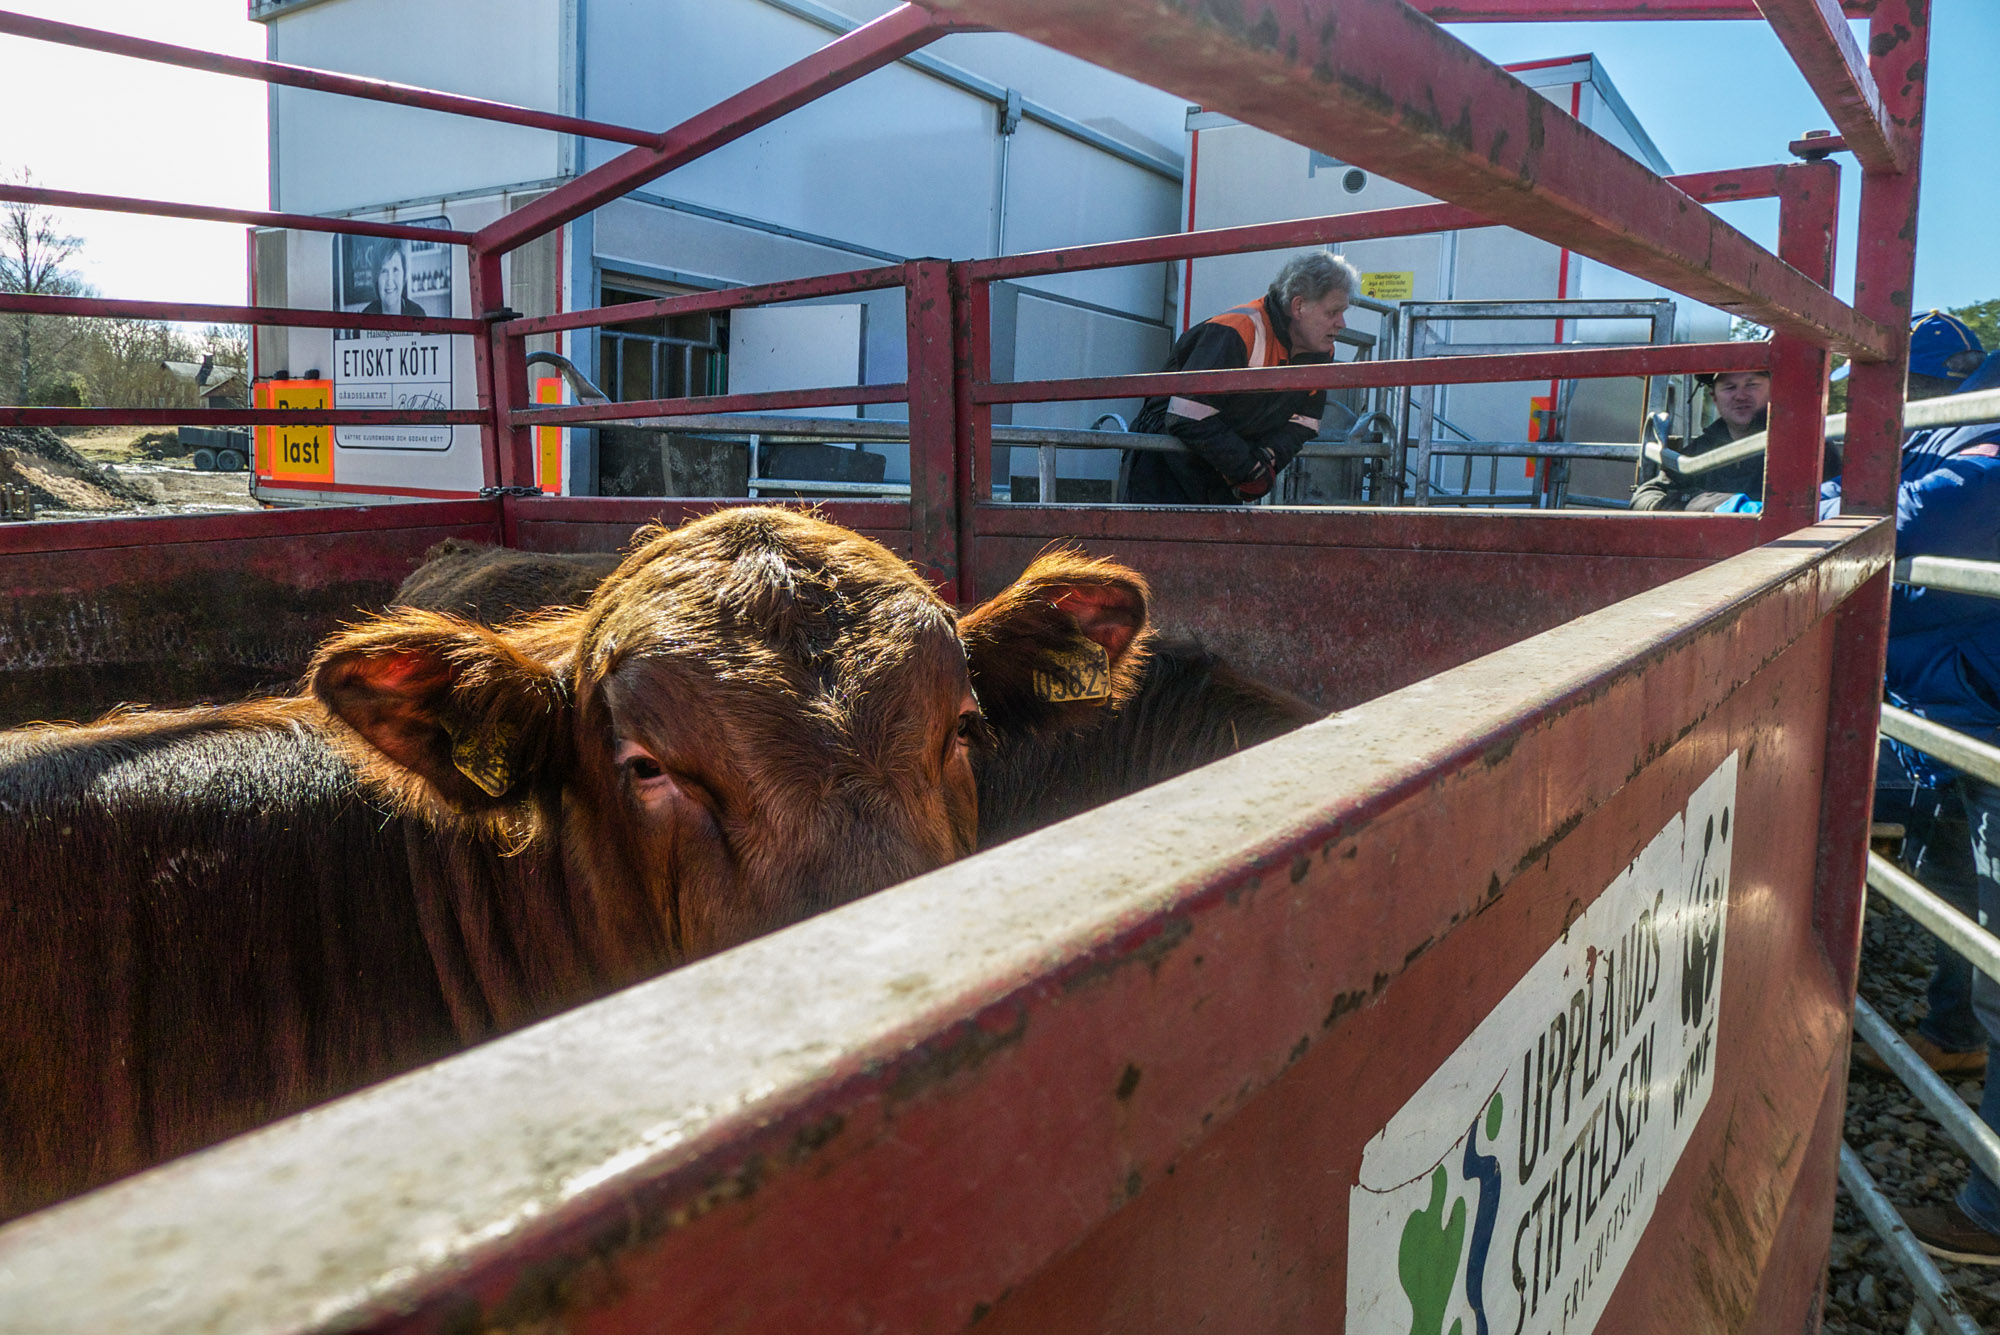 En une année, les employés abattent 5000 bêtes. Cela ne représente qu'1% des bovins tués en Suède. Mais le rythme est soutenu pour les employés qui doivent finir avant la nuit tombée. Soudain, à l'arrière du camion, un claquement inaugure un court silence, qui cède au bruit sourd d'un colosse qui s'effondre. (photo Charles Perragin & Margot Hemmerich/8e étage)